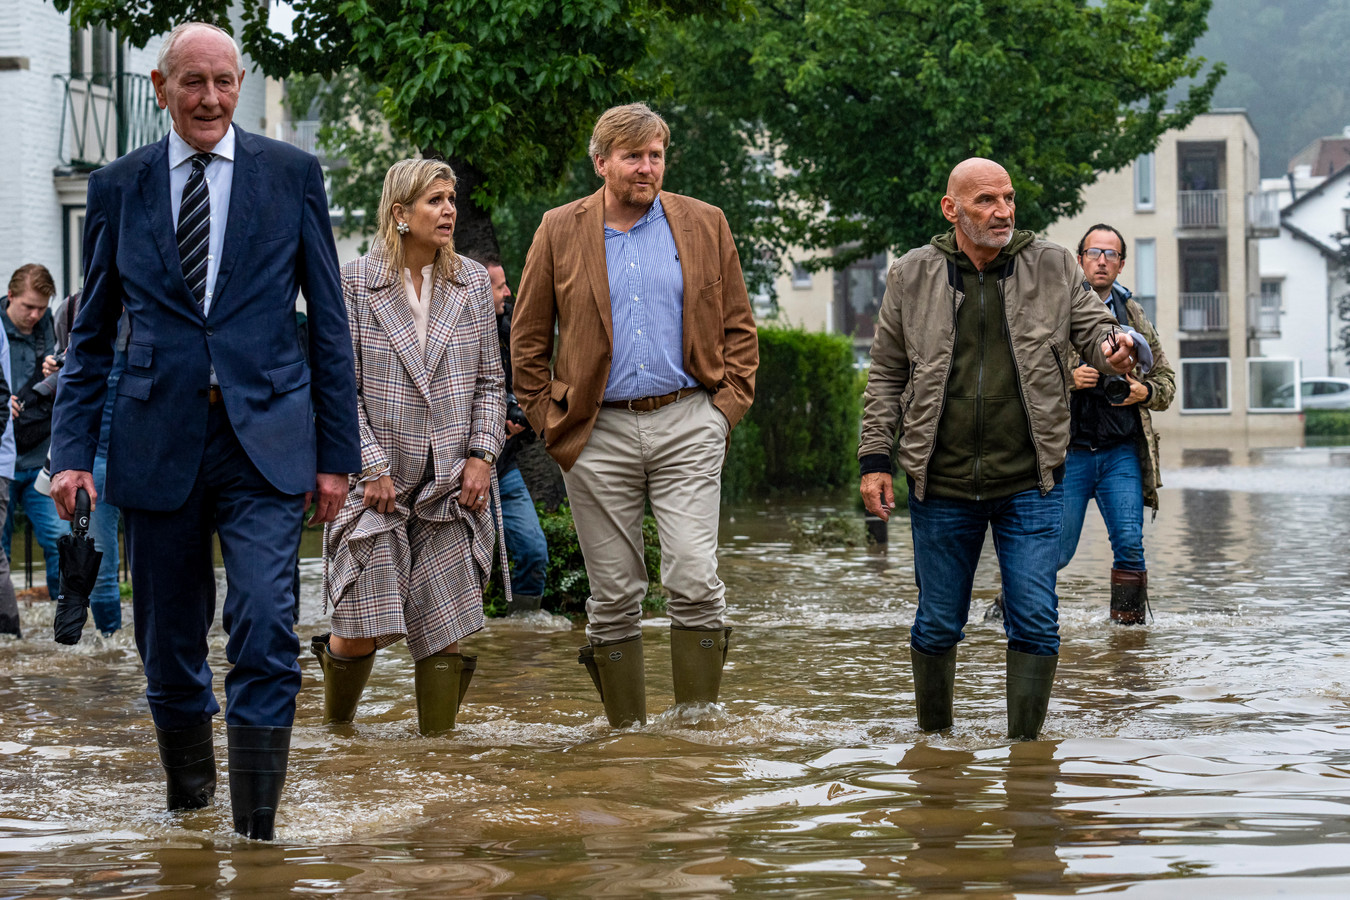 De koning en koningin brachten een bezoek aan Valkenburg, naar aanleiding van de overstromingen.